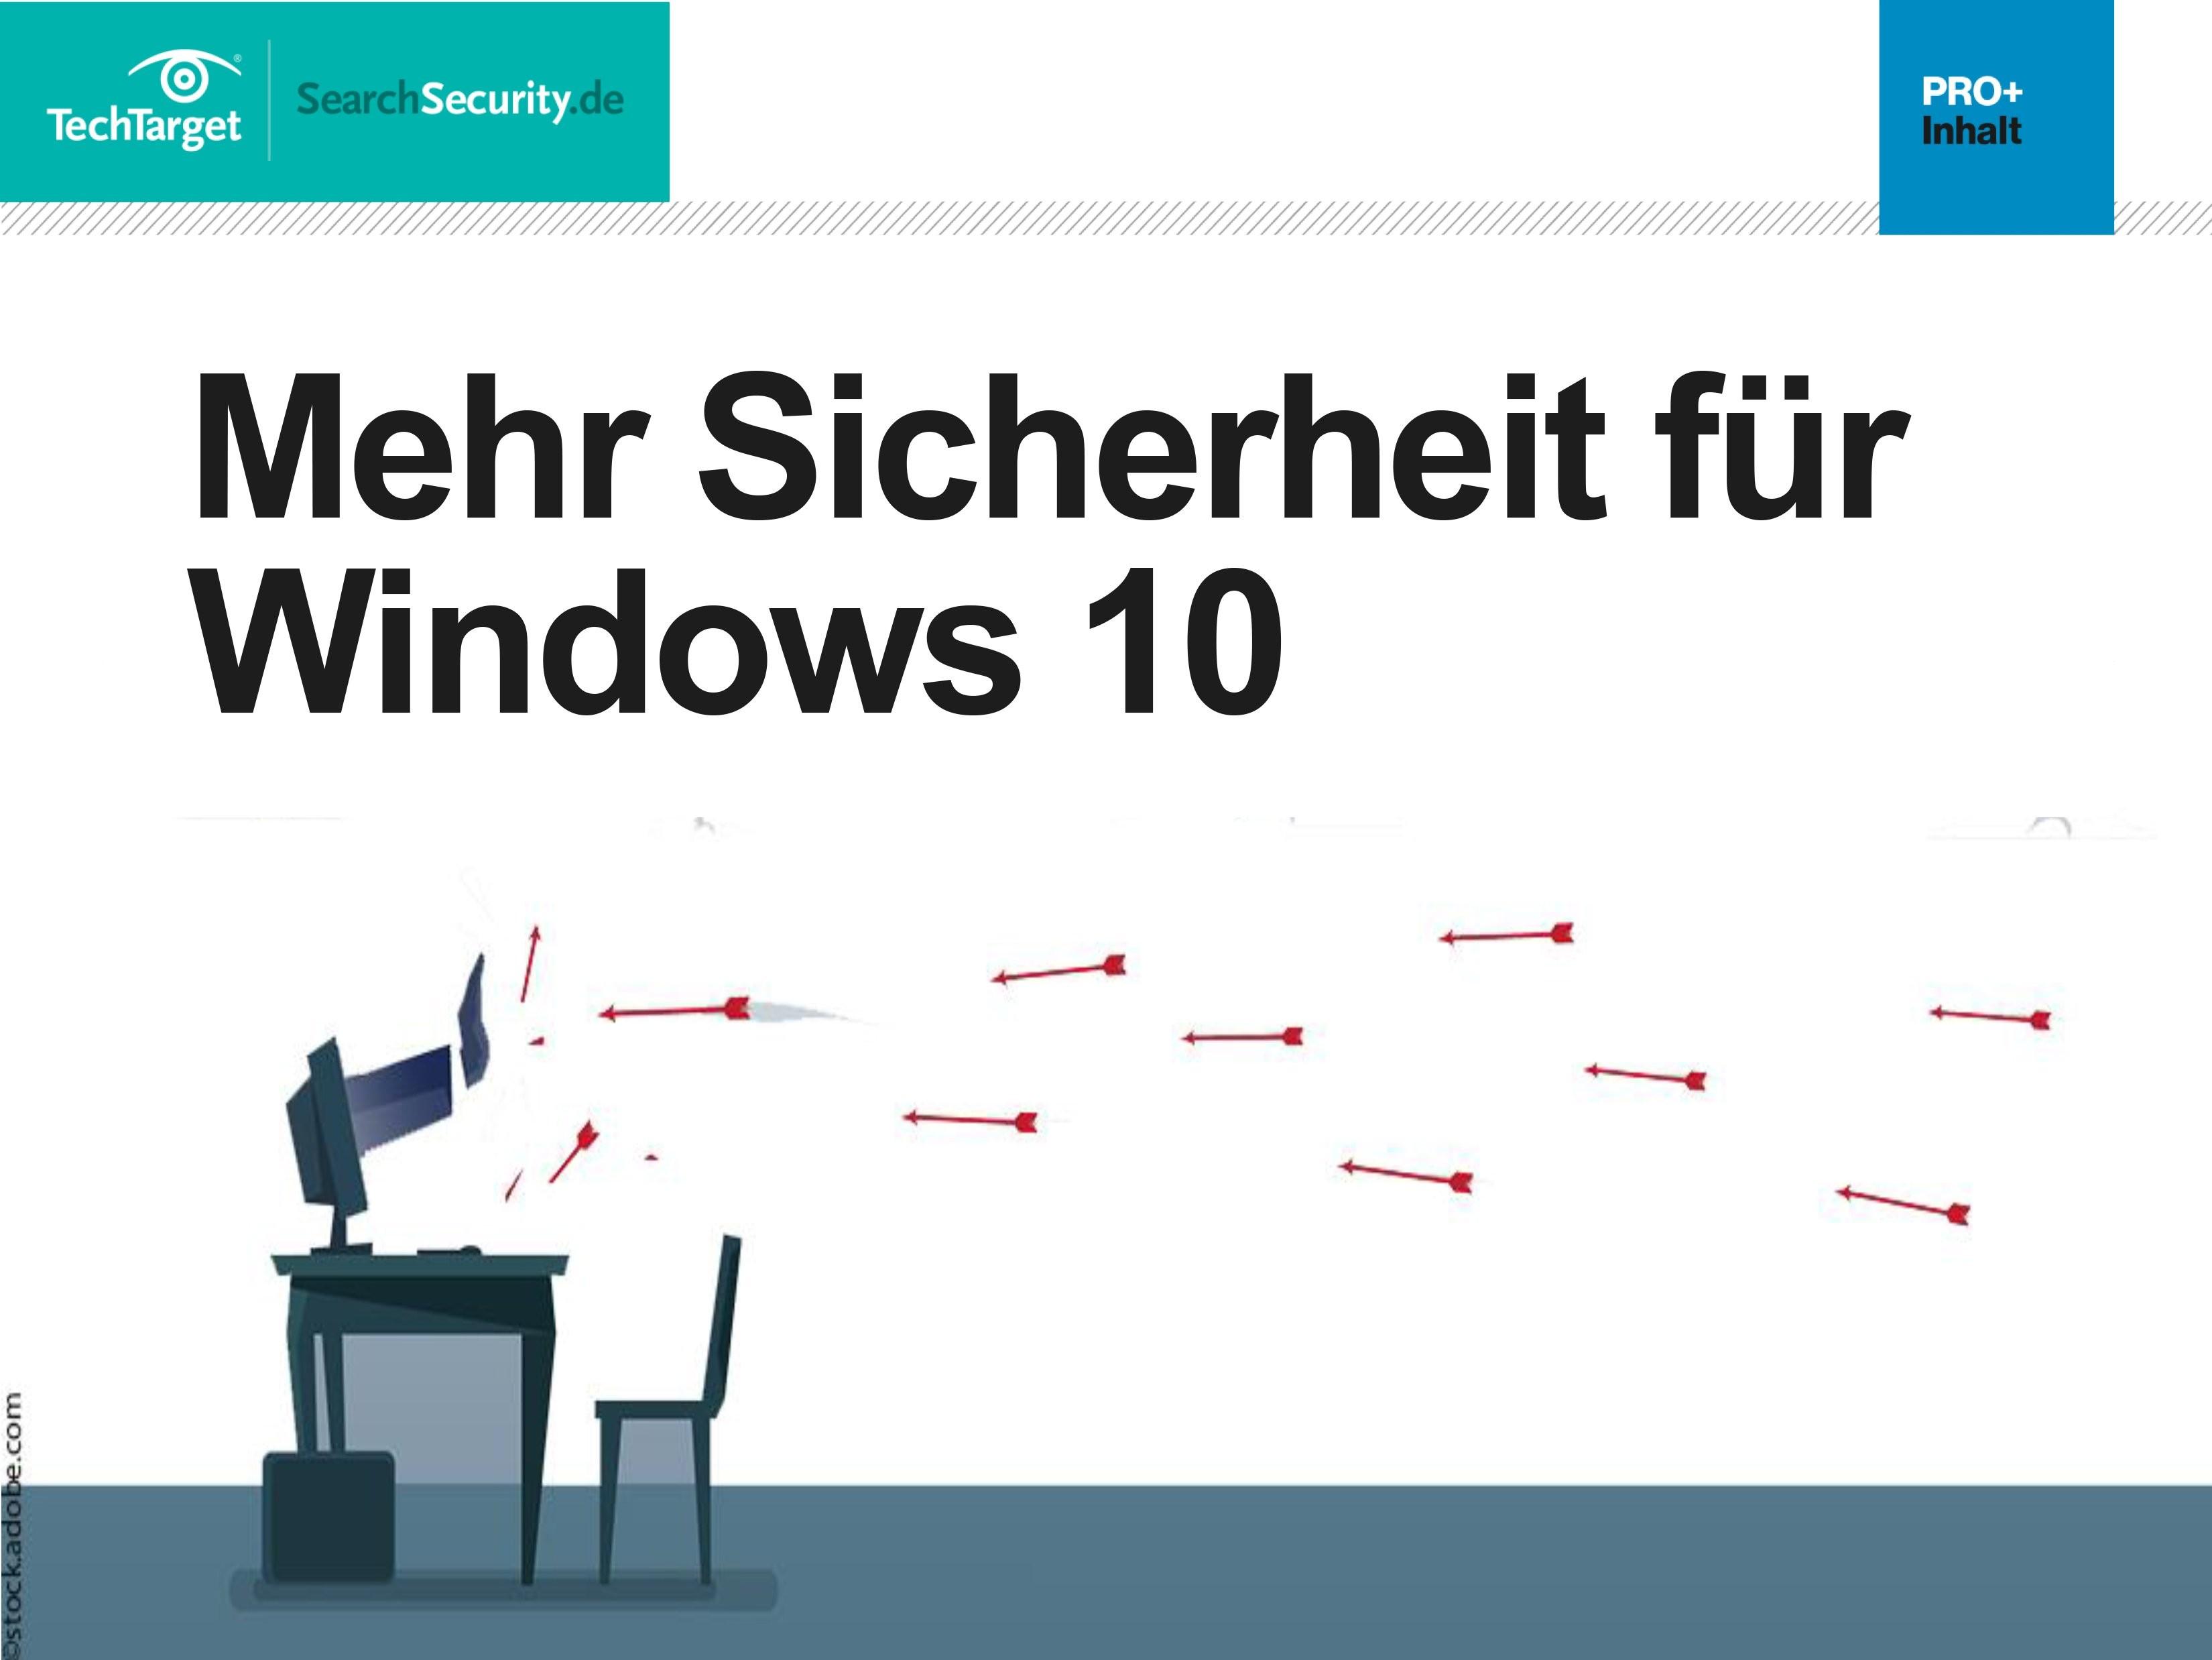 Mehr Sicherheit für Windows 10